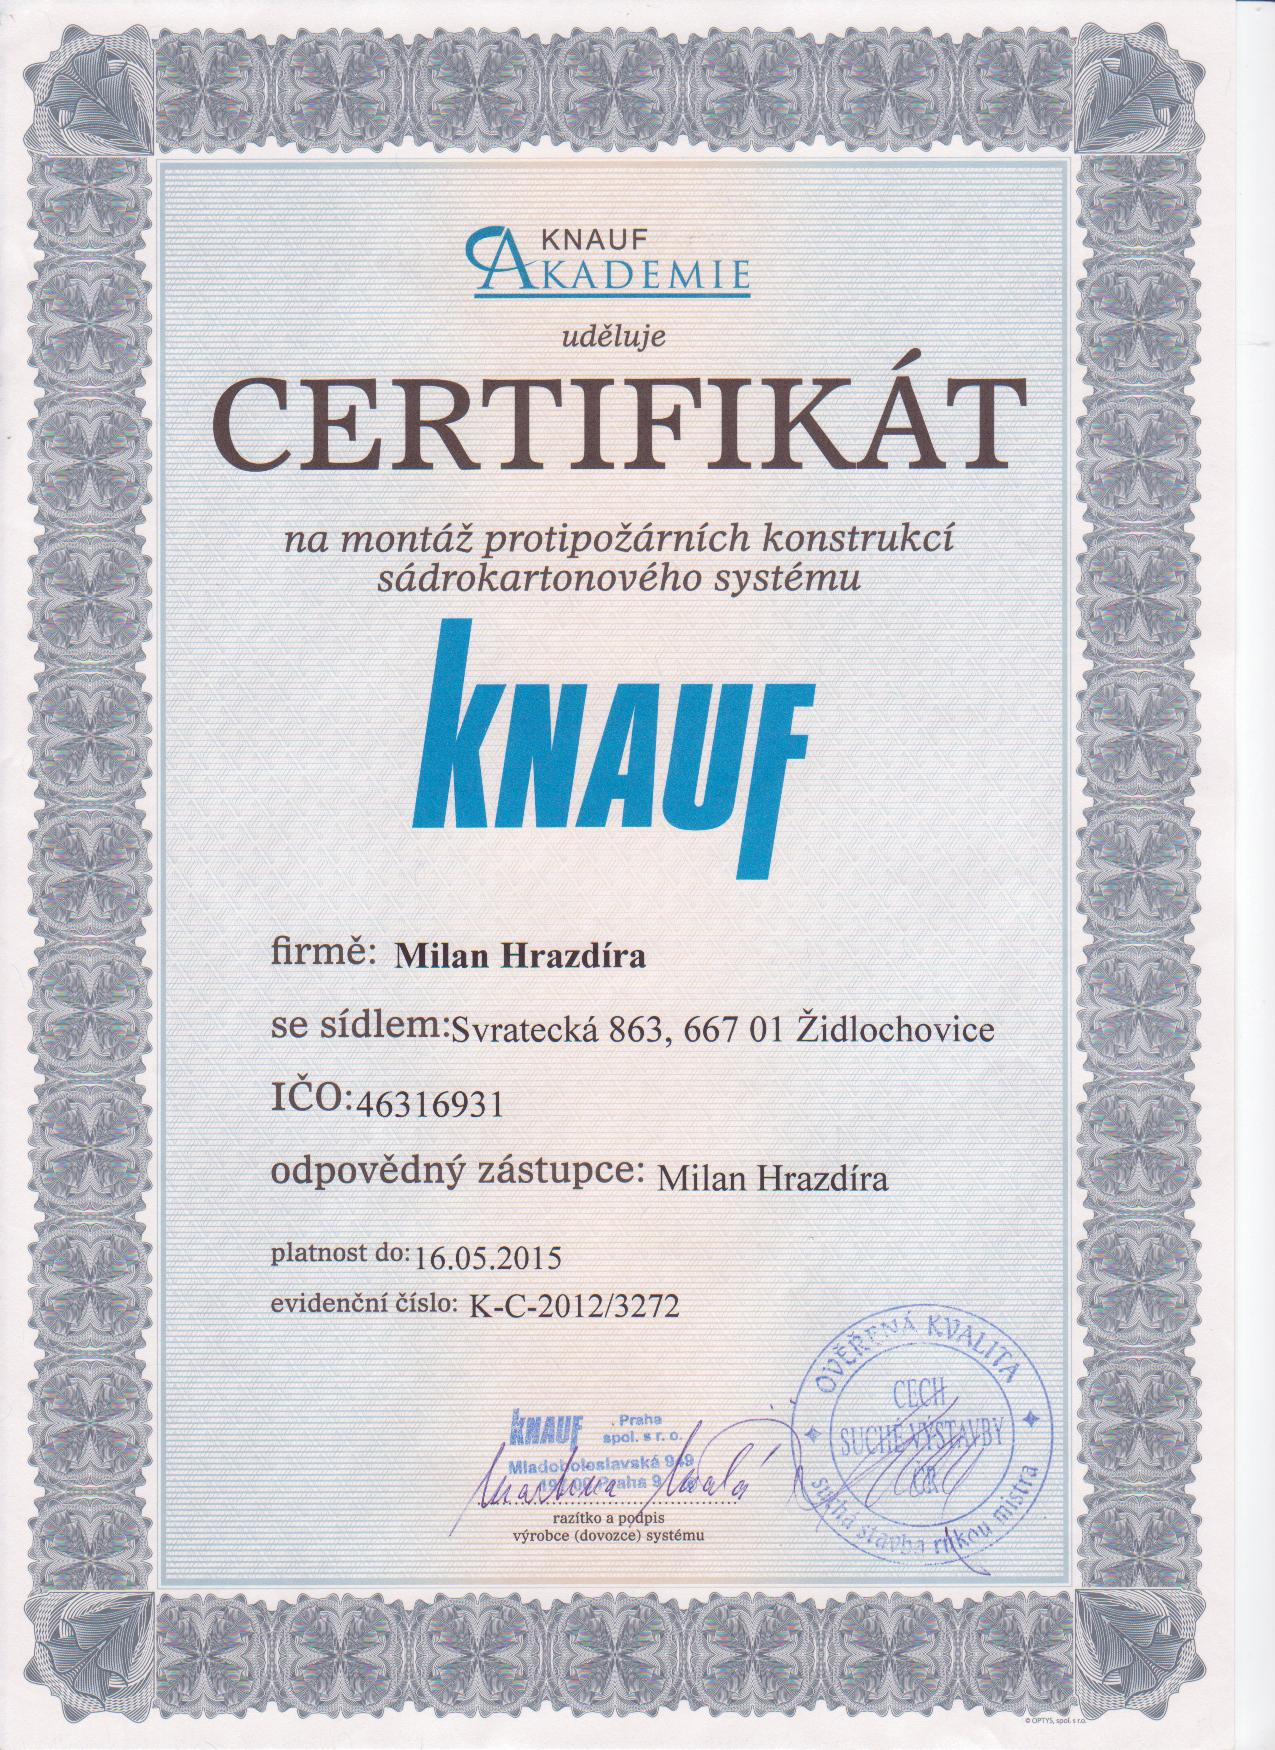 Certifikát KNAUF protipožární konstrukce